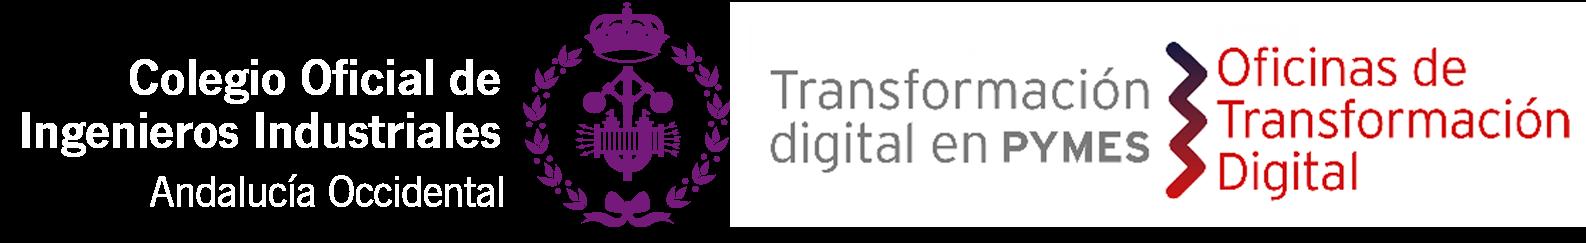 Oficina de Transformación Digital para la PYME industrial andaluza